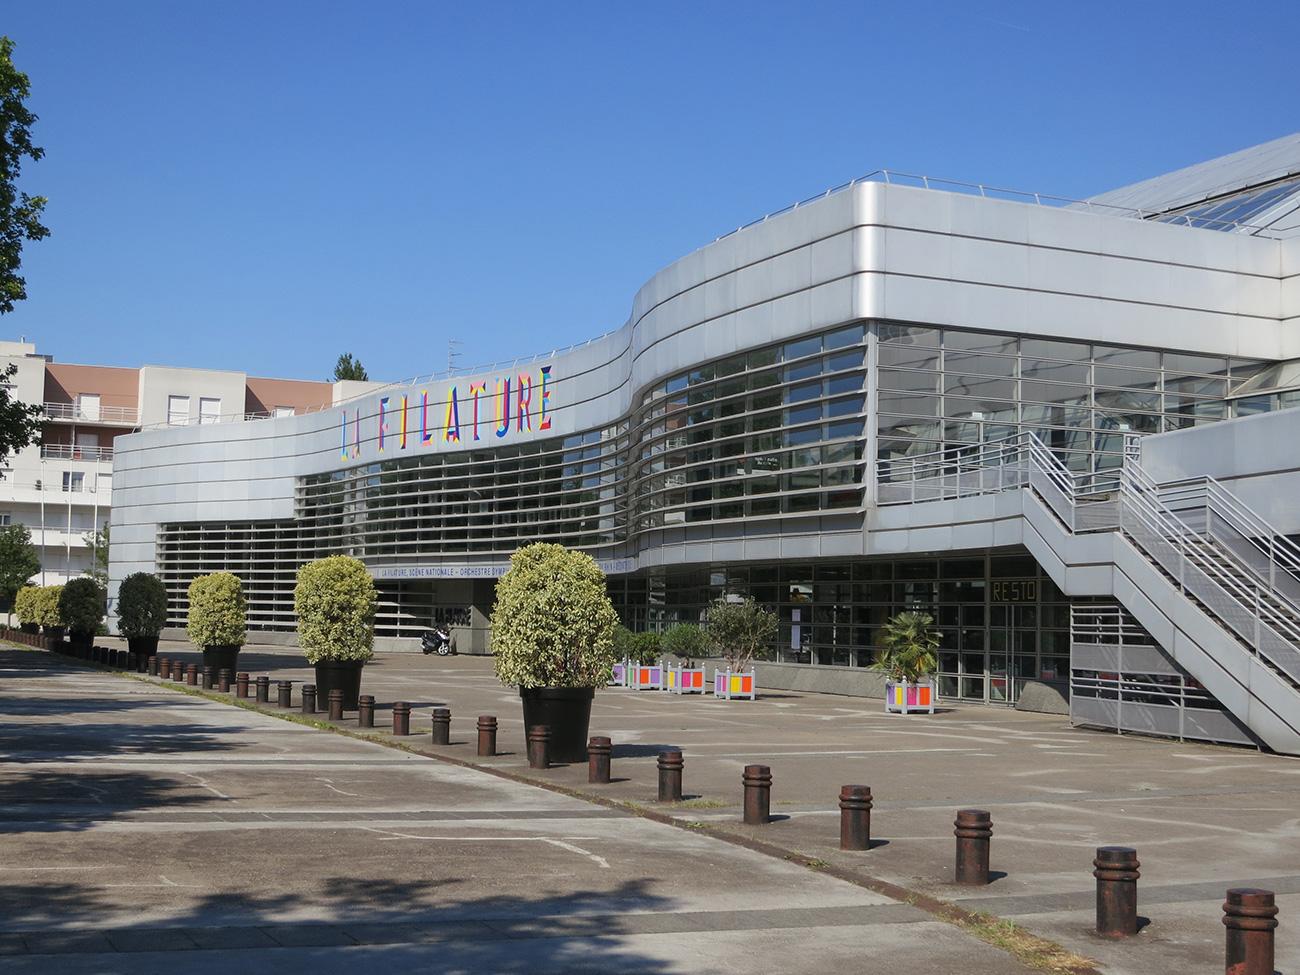 La filature sc ne nationale mulhouse for Architecture courbe